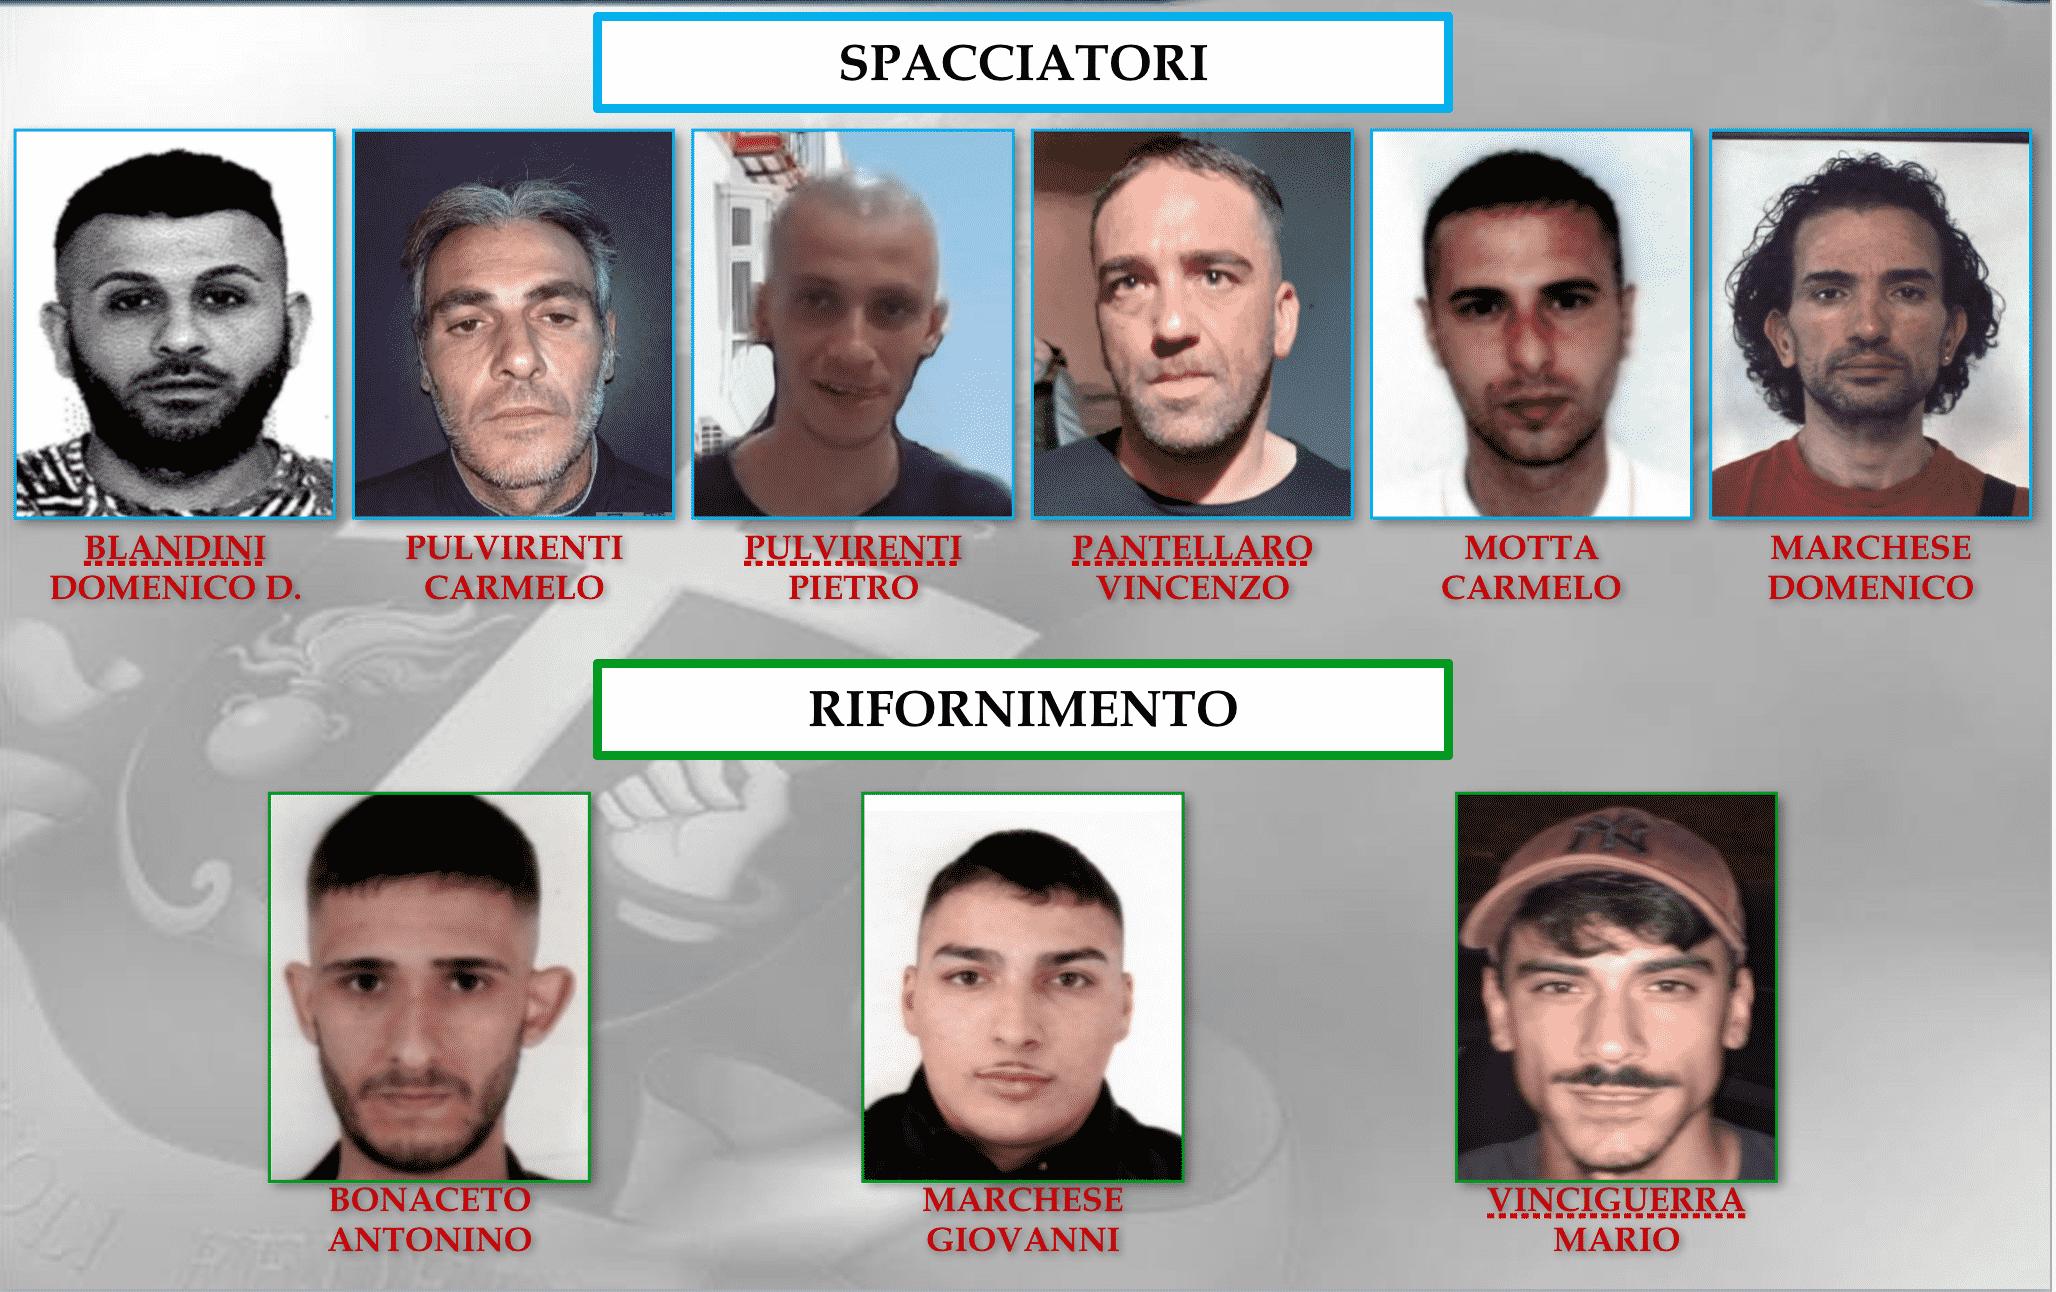 Operazione Piombai, 25 arresti a Catania: lo spaccio in mano alle donne – NOMI, FOTO e RUOLI